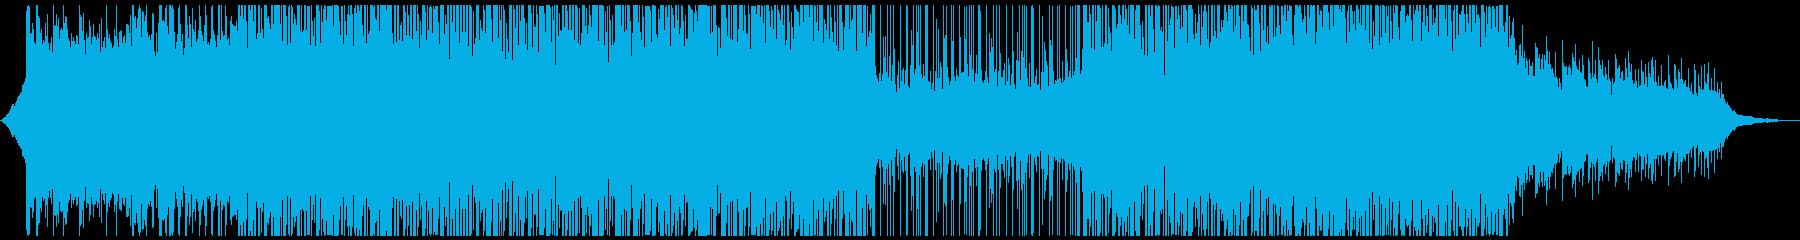 アンビエント 企業イメージ ポジテ...の再生済みの波形